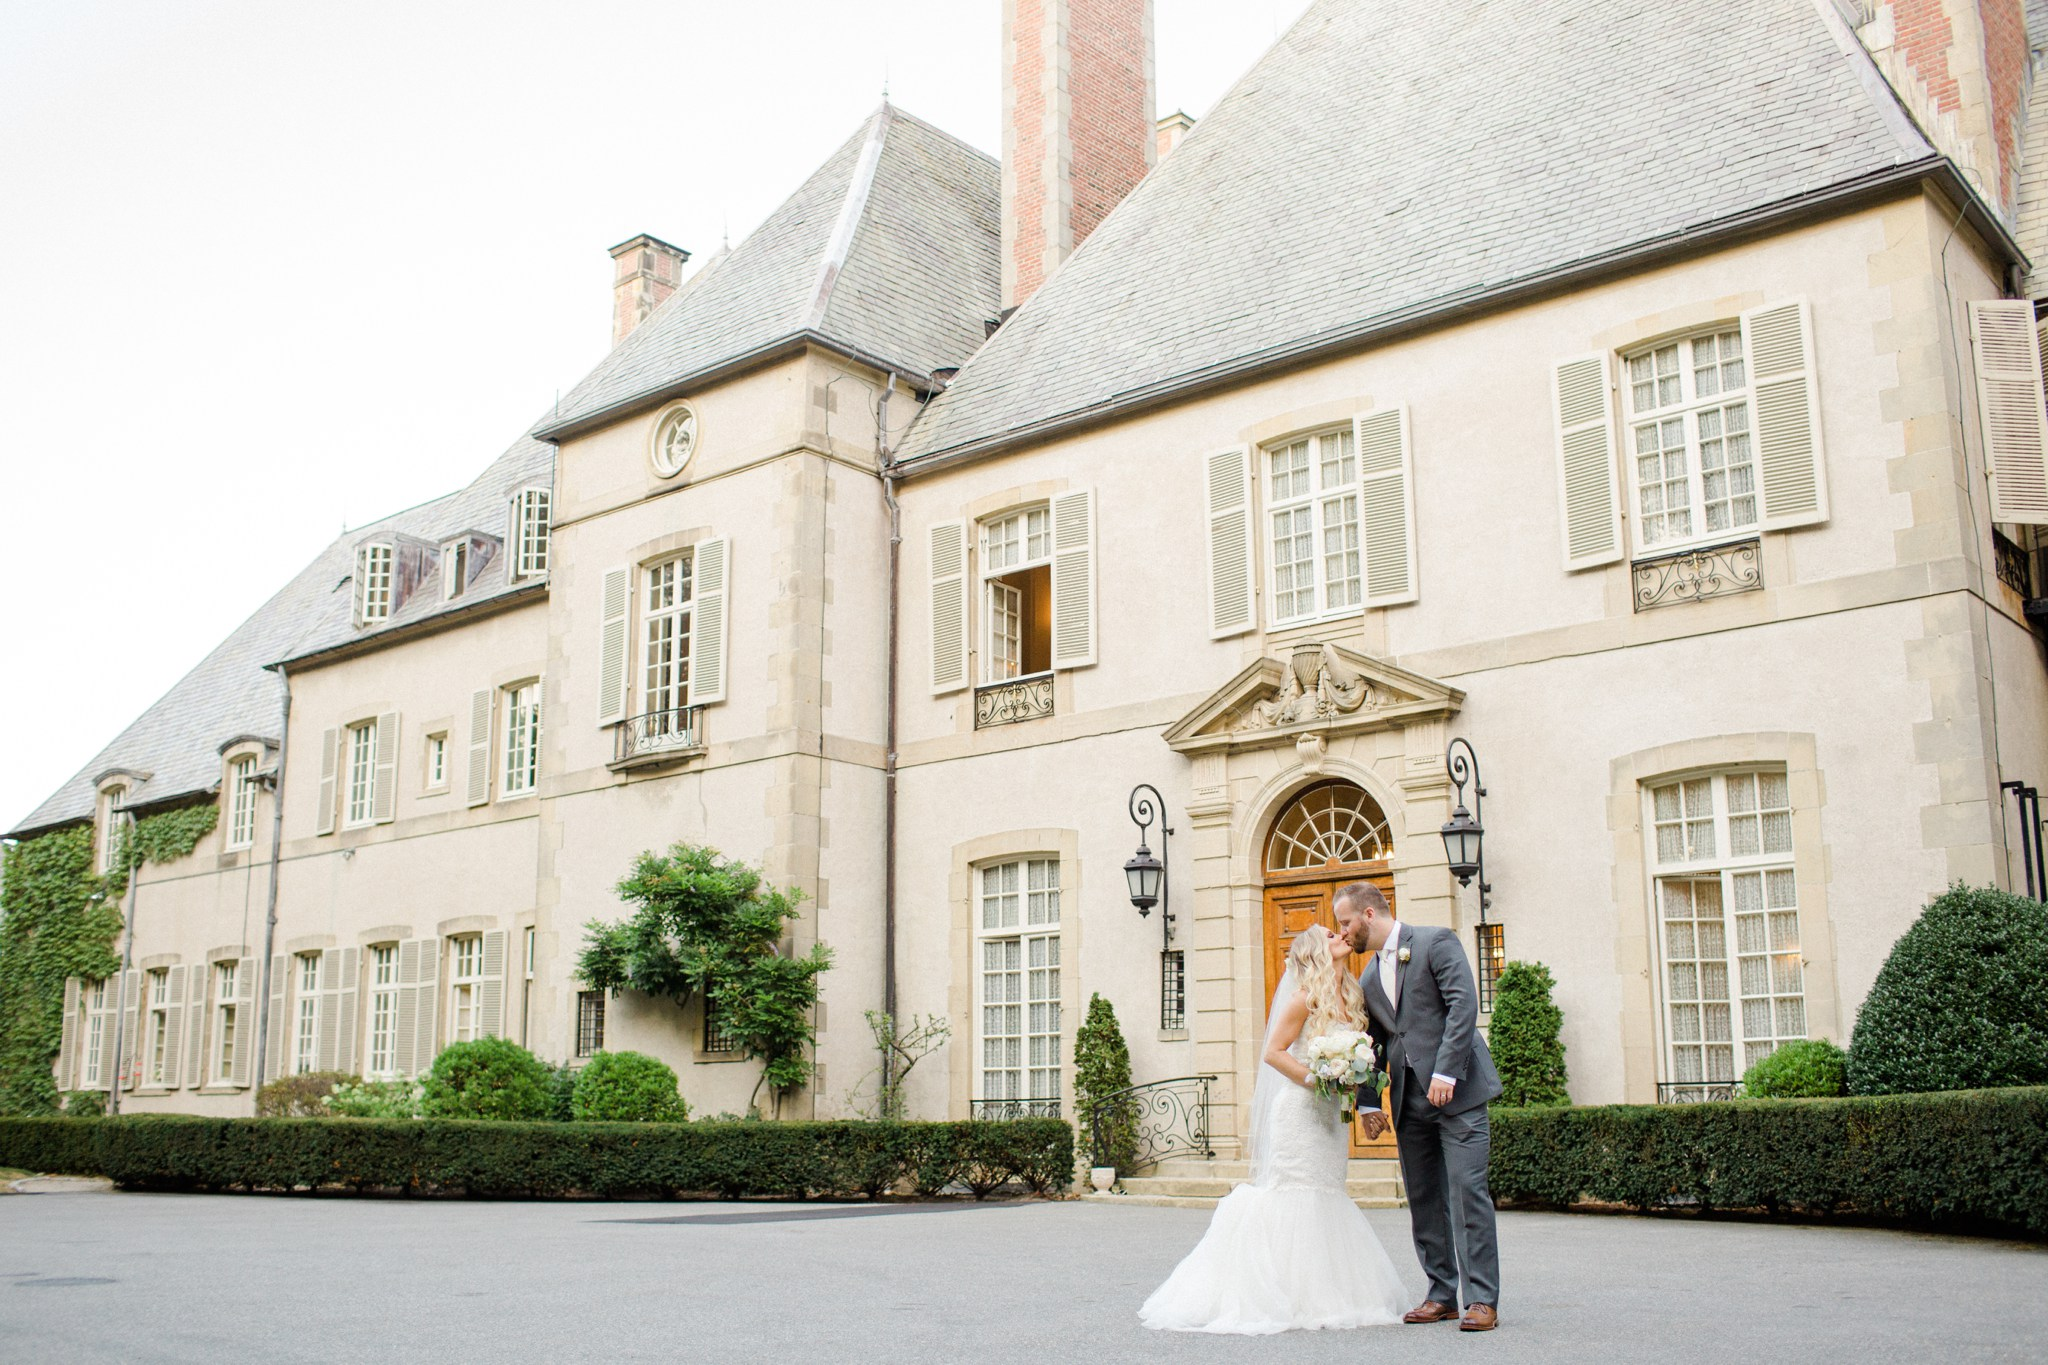 glen_manor_house_wedding_deborah_zoe_00050.JPG